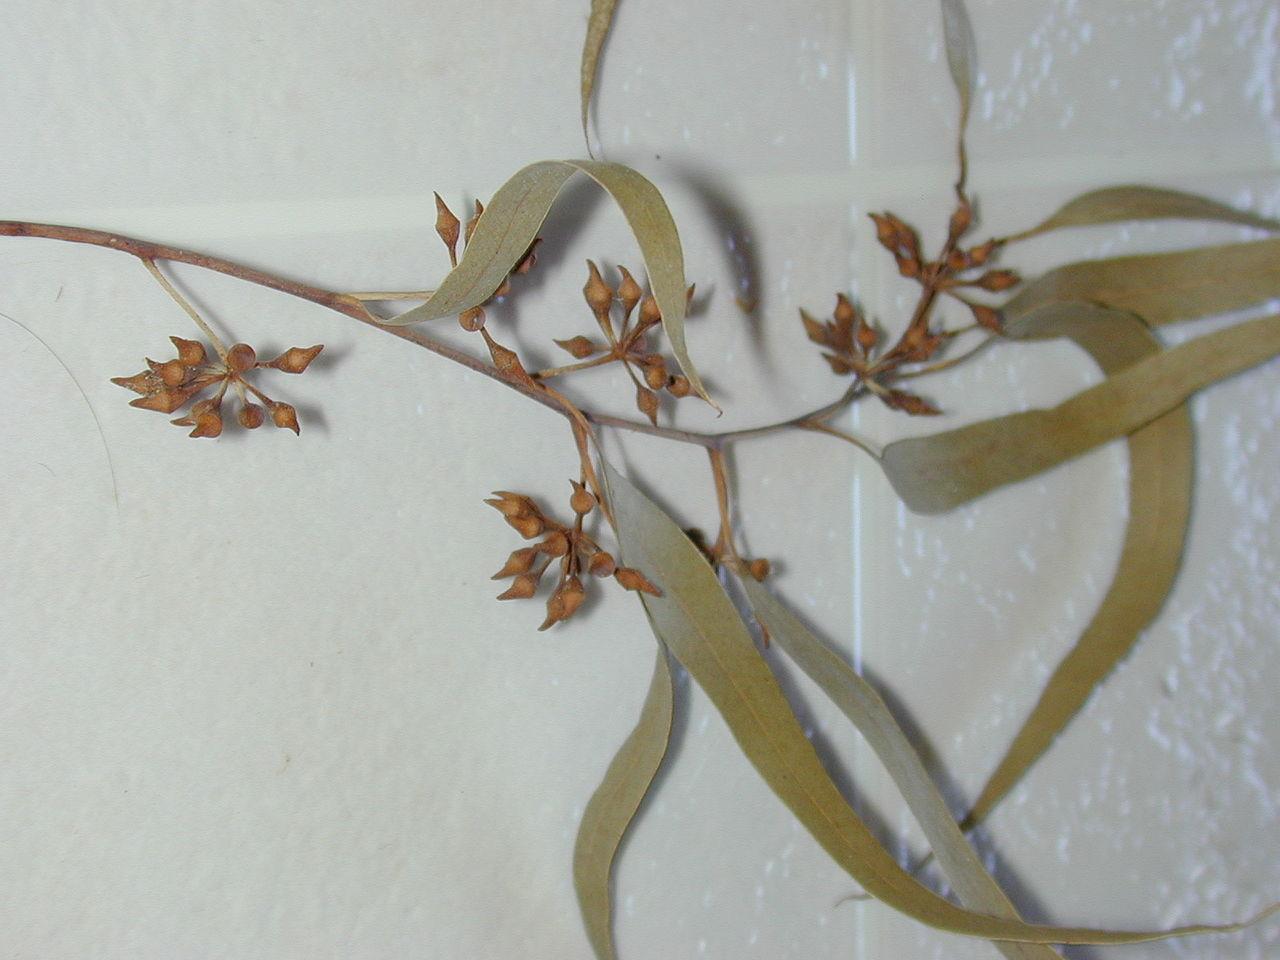 Evitar ronquidos con eucalipto